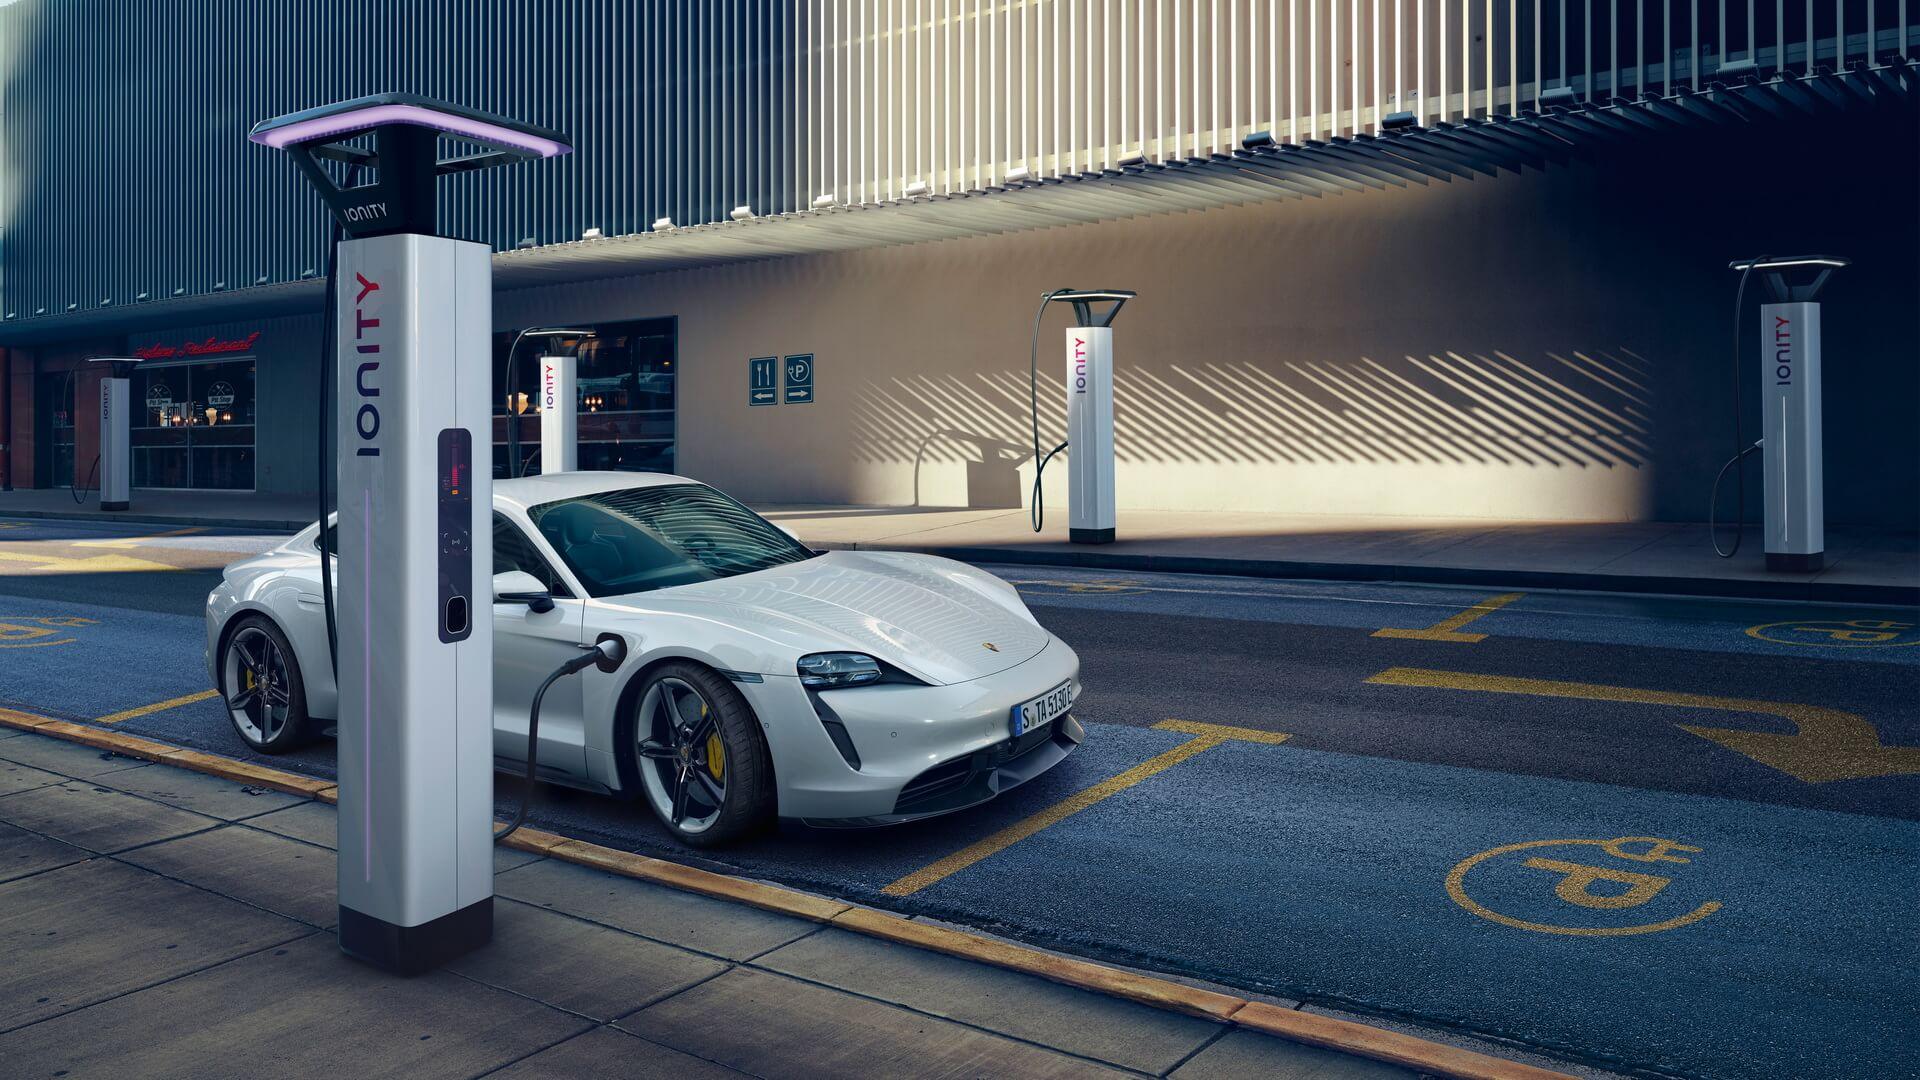 Максимальная пиковая мощность зарядки Porsche Taycan составляет 270кВт